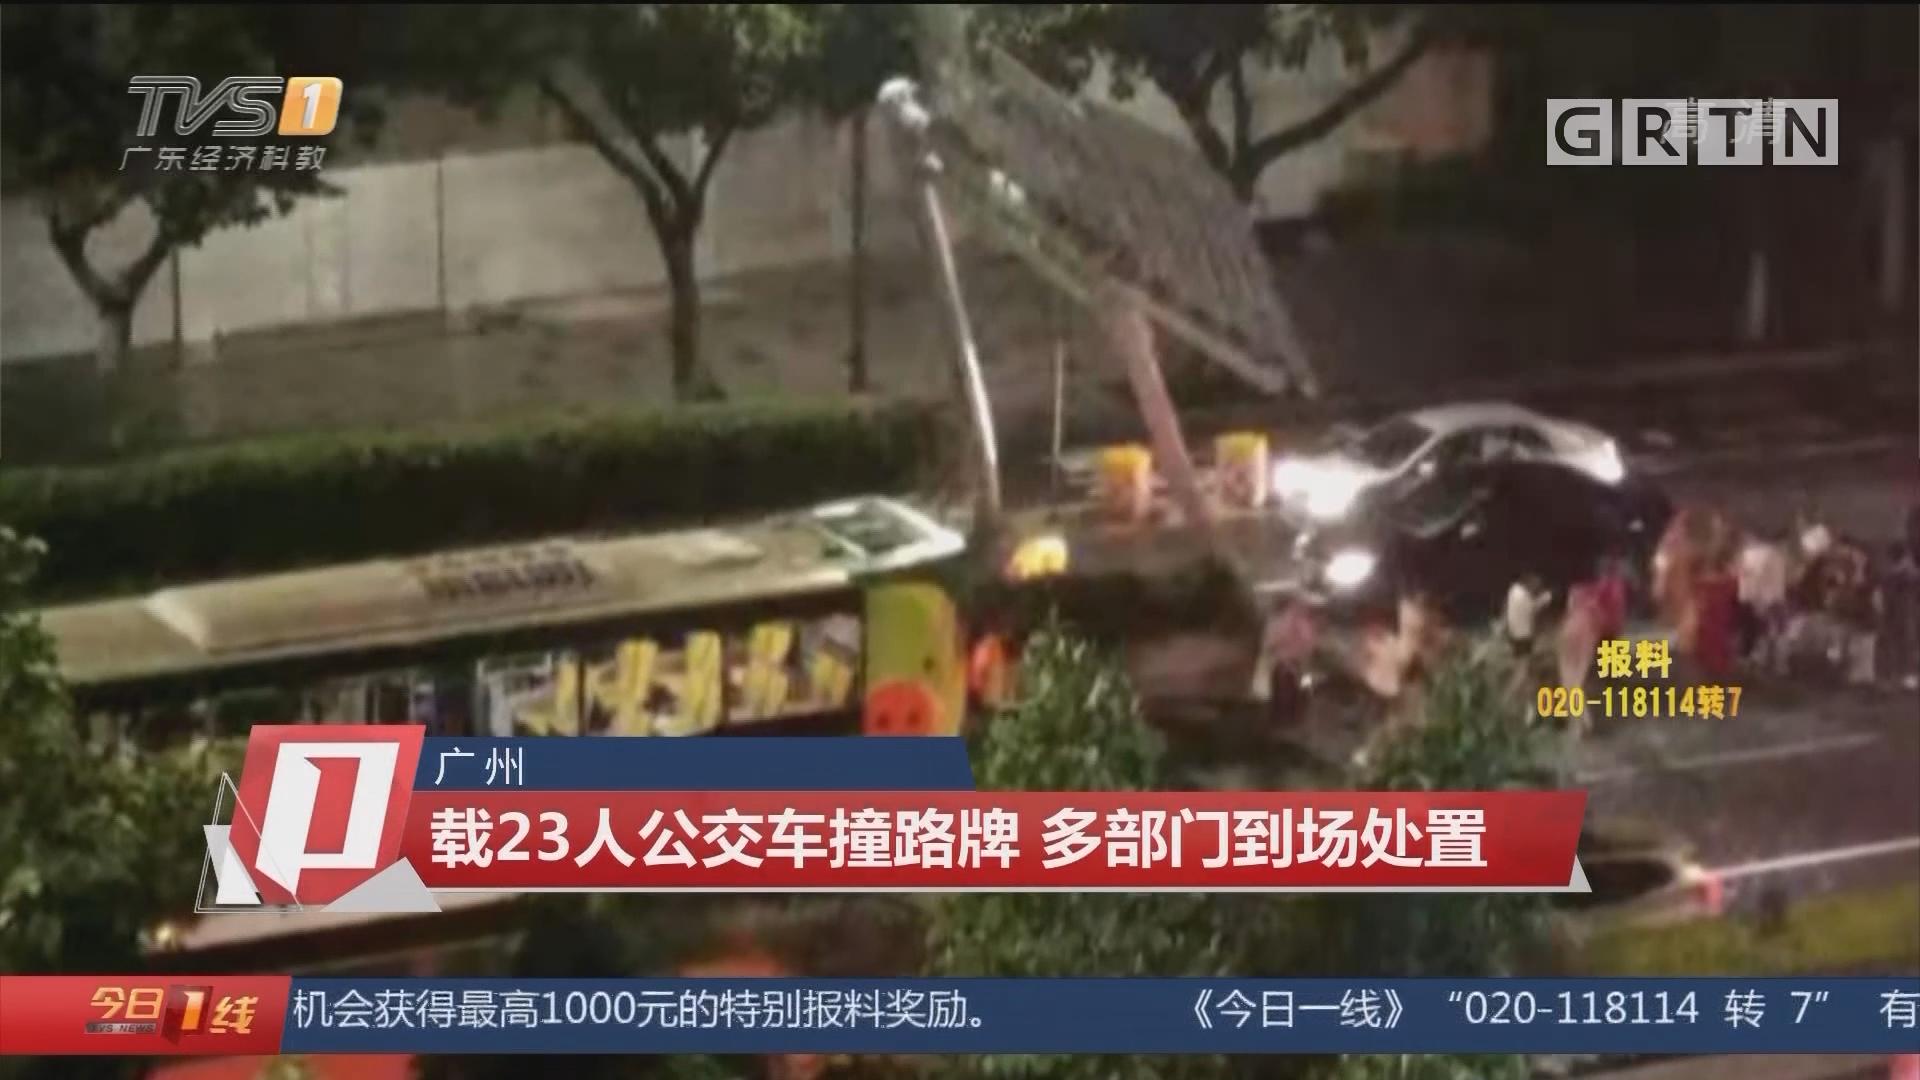 广州:载23人公交车撞路牌 多部门到场处置